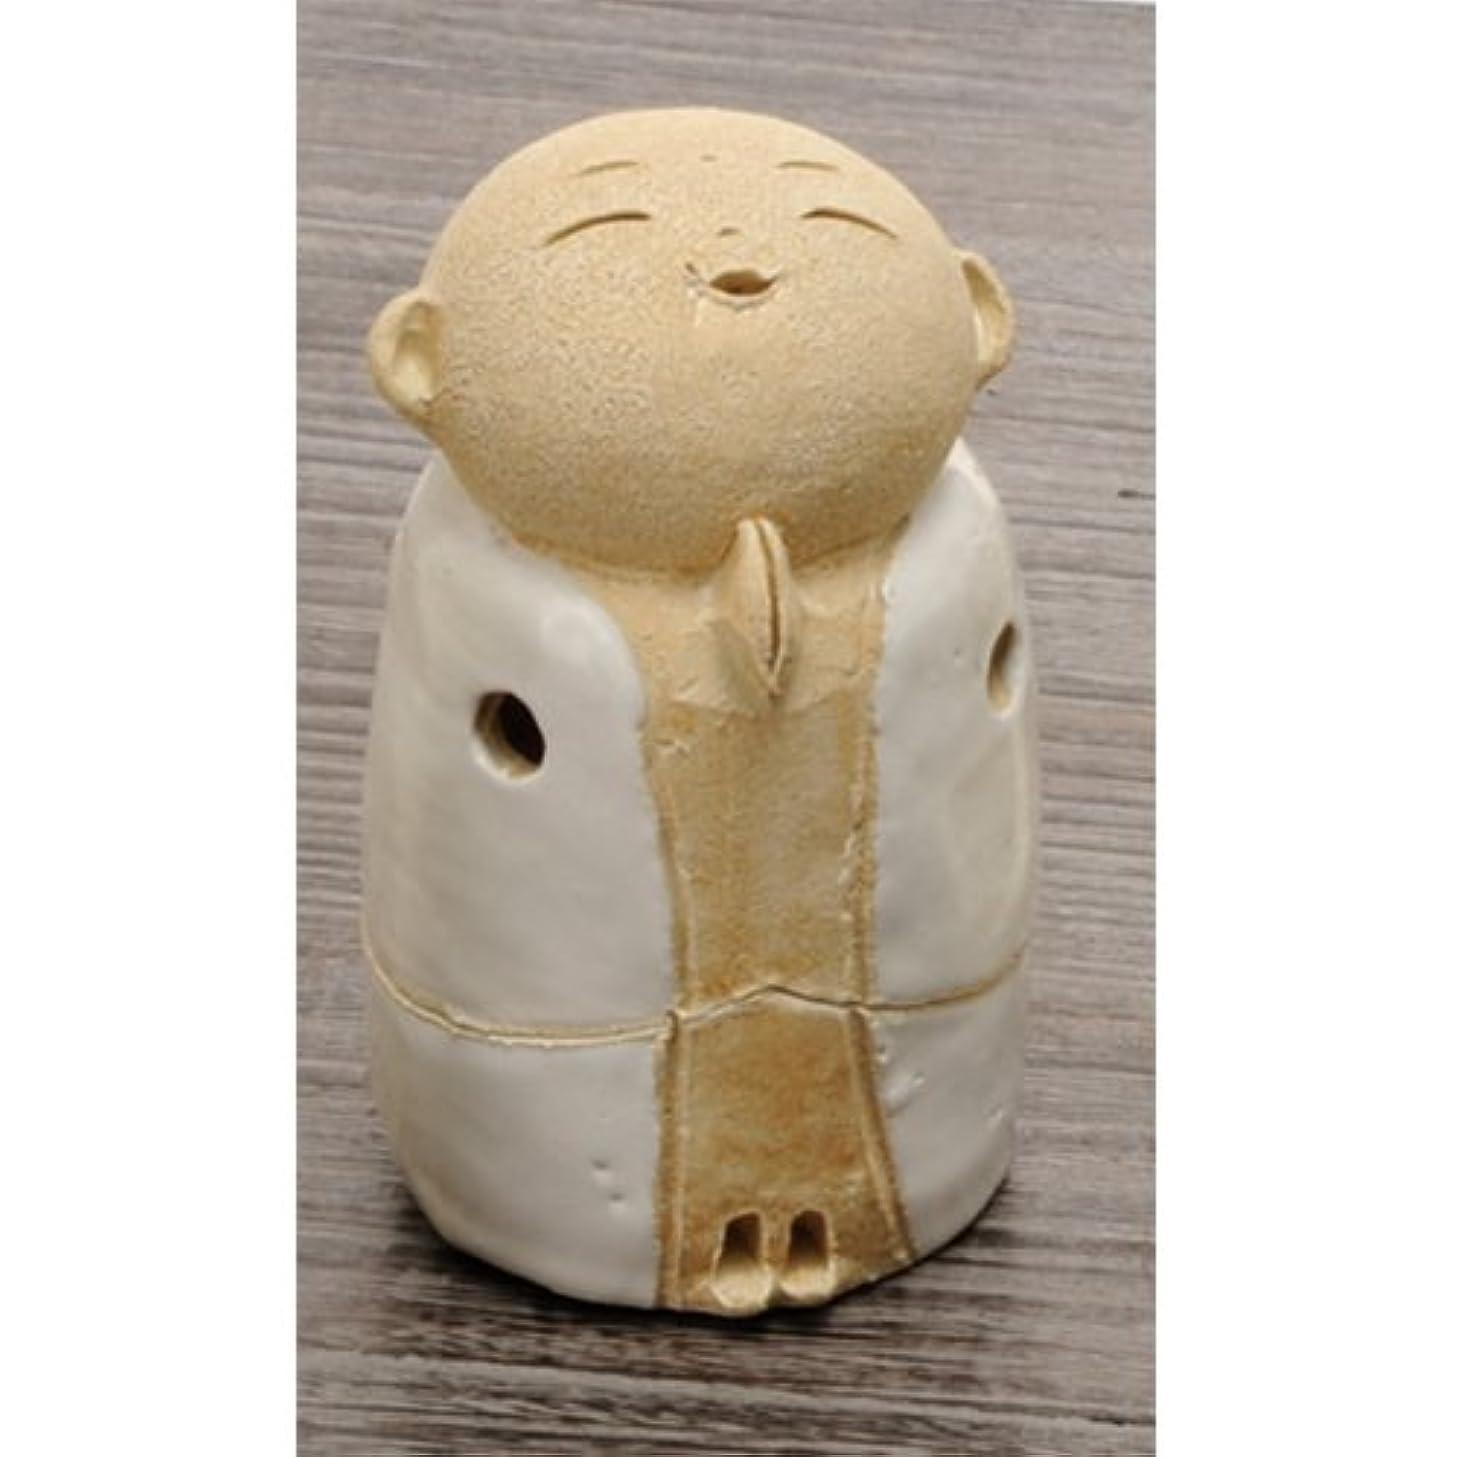 疎外同行意志お地蔵様 香炉シリーズ 白 お地蔵様 香炉 3.5寸(小) [H10cm] HANDMADE プレゼント ギフト 和食器 かわいい インテリア